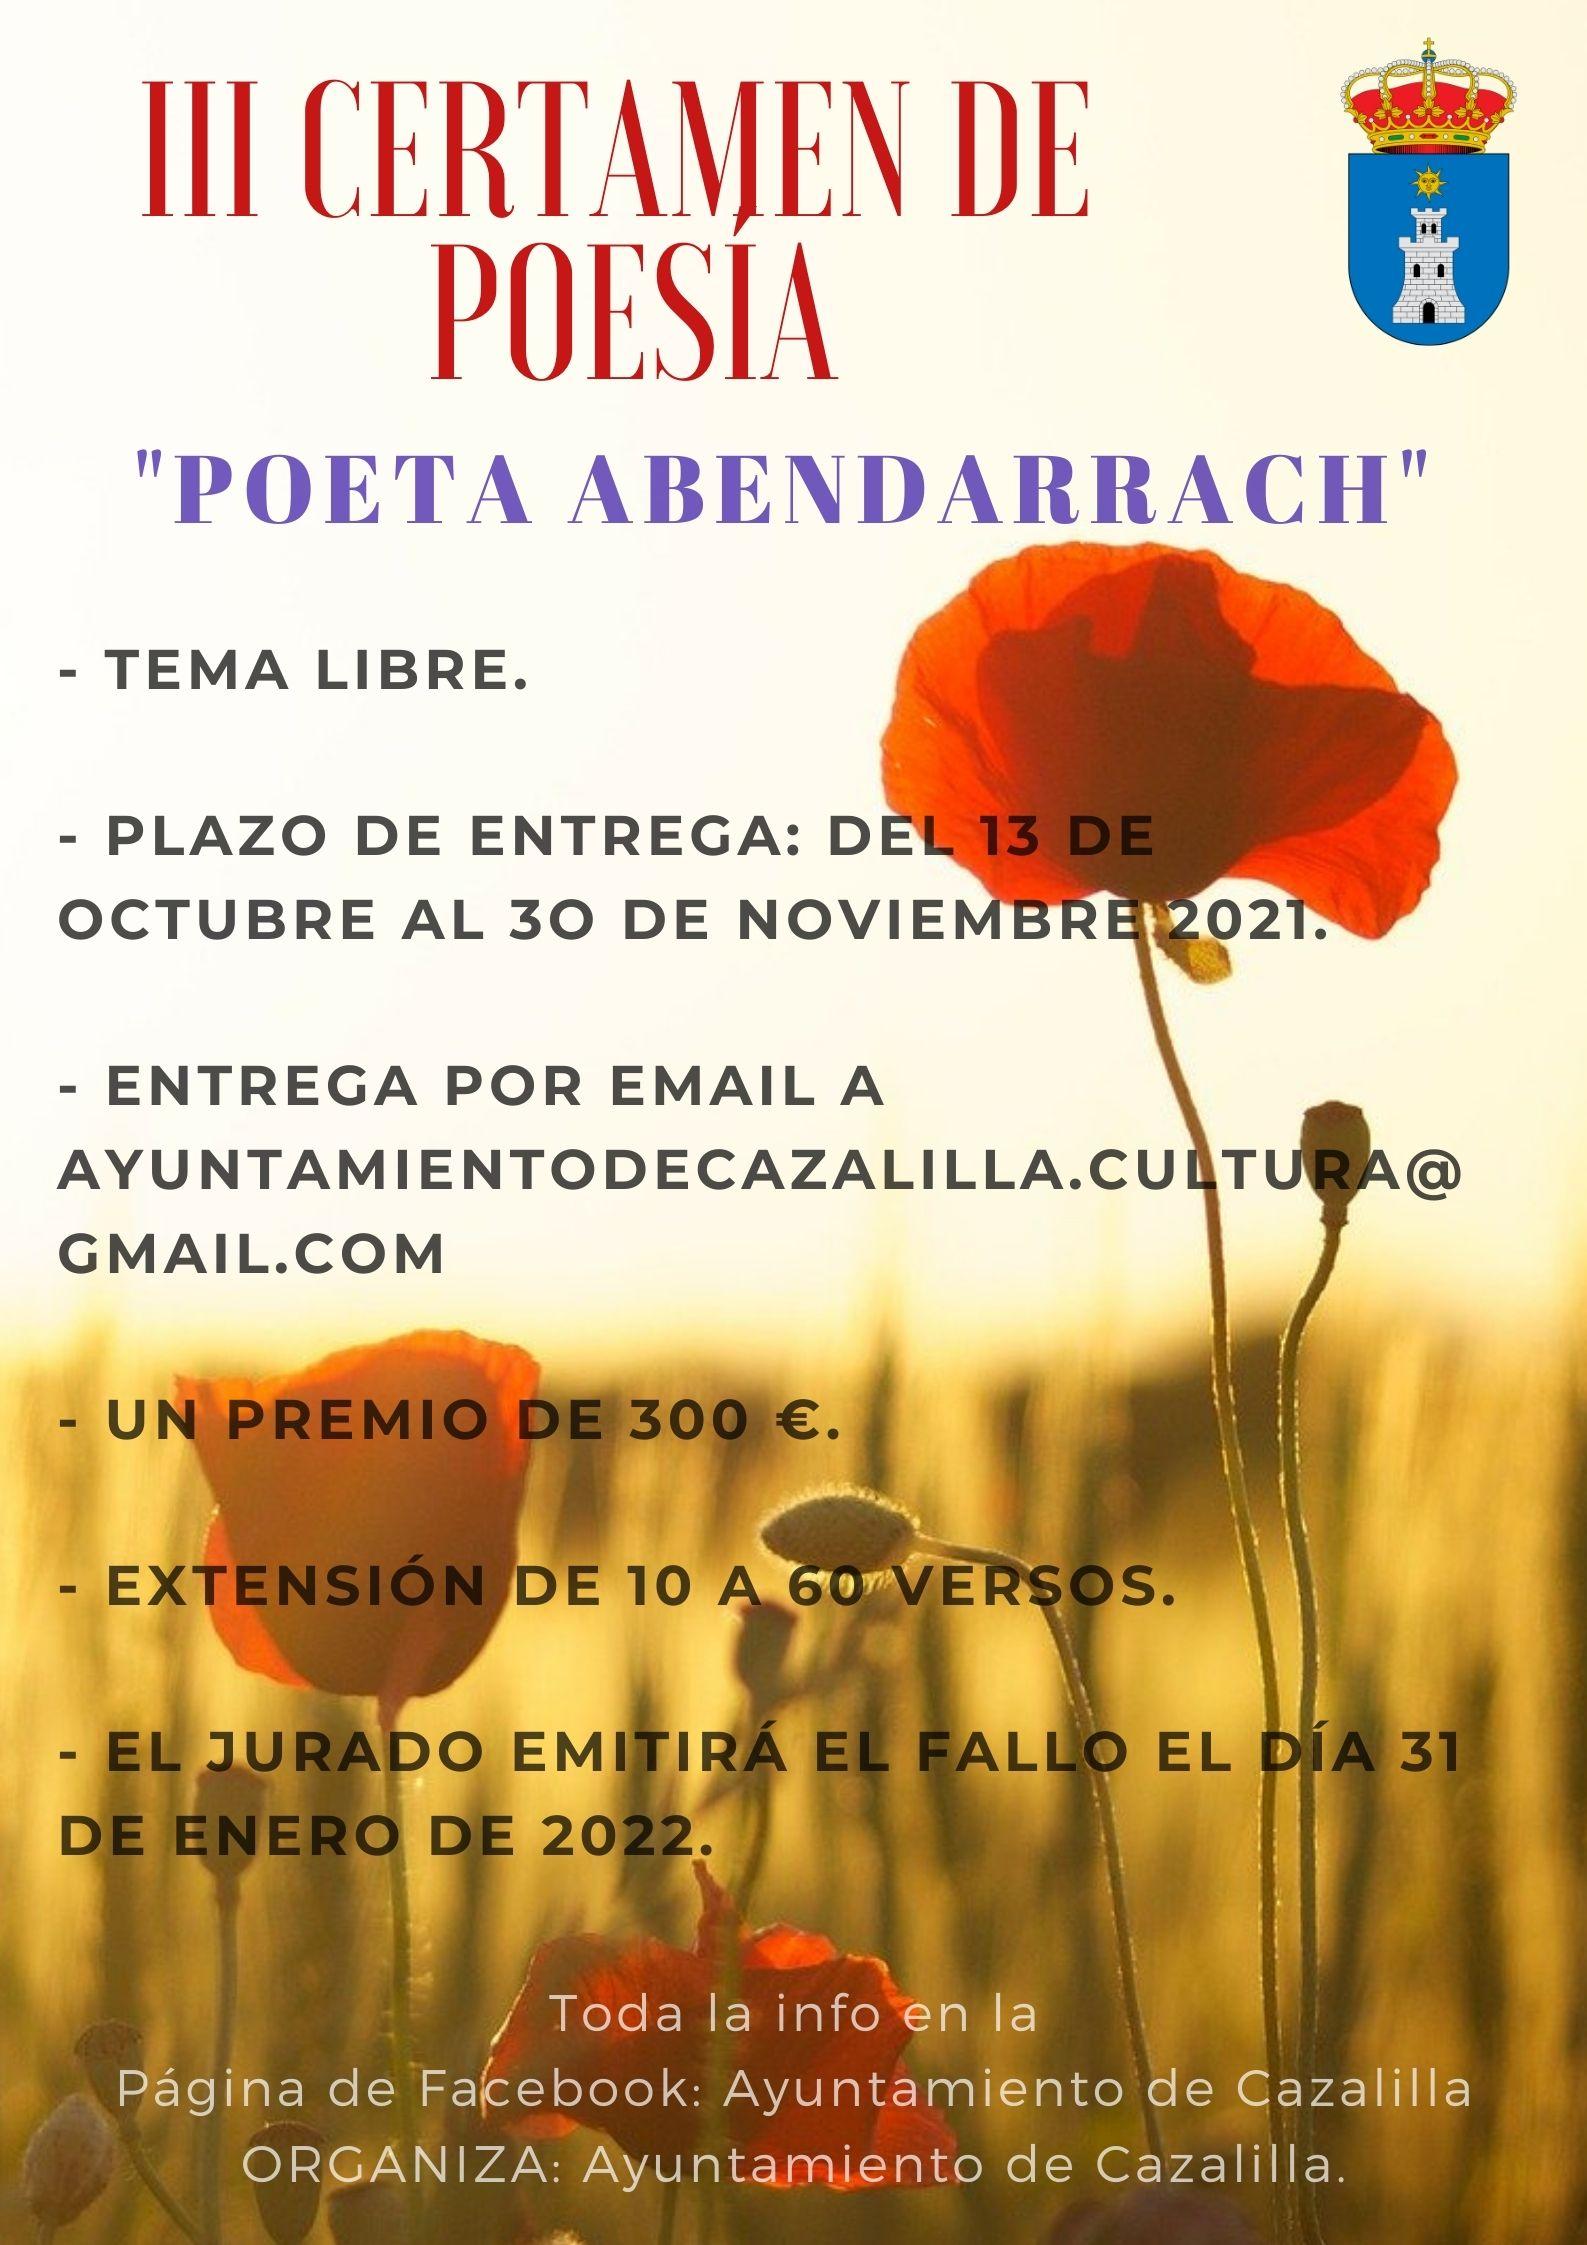 III Certamen de poesía Poeta Abendarrach 2021 Cazalilla (Jaén)